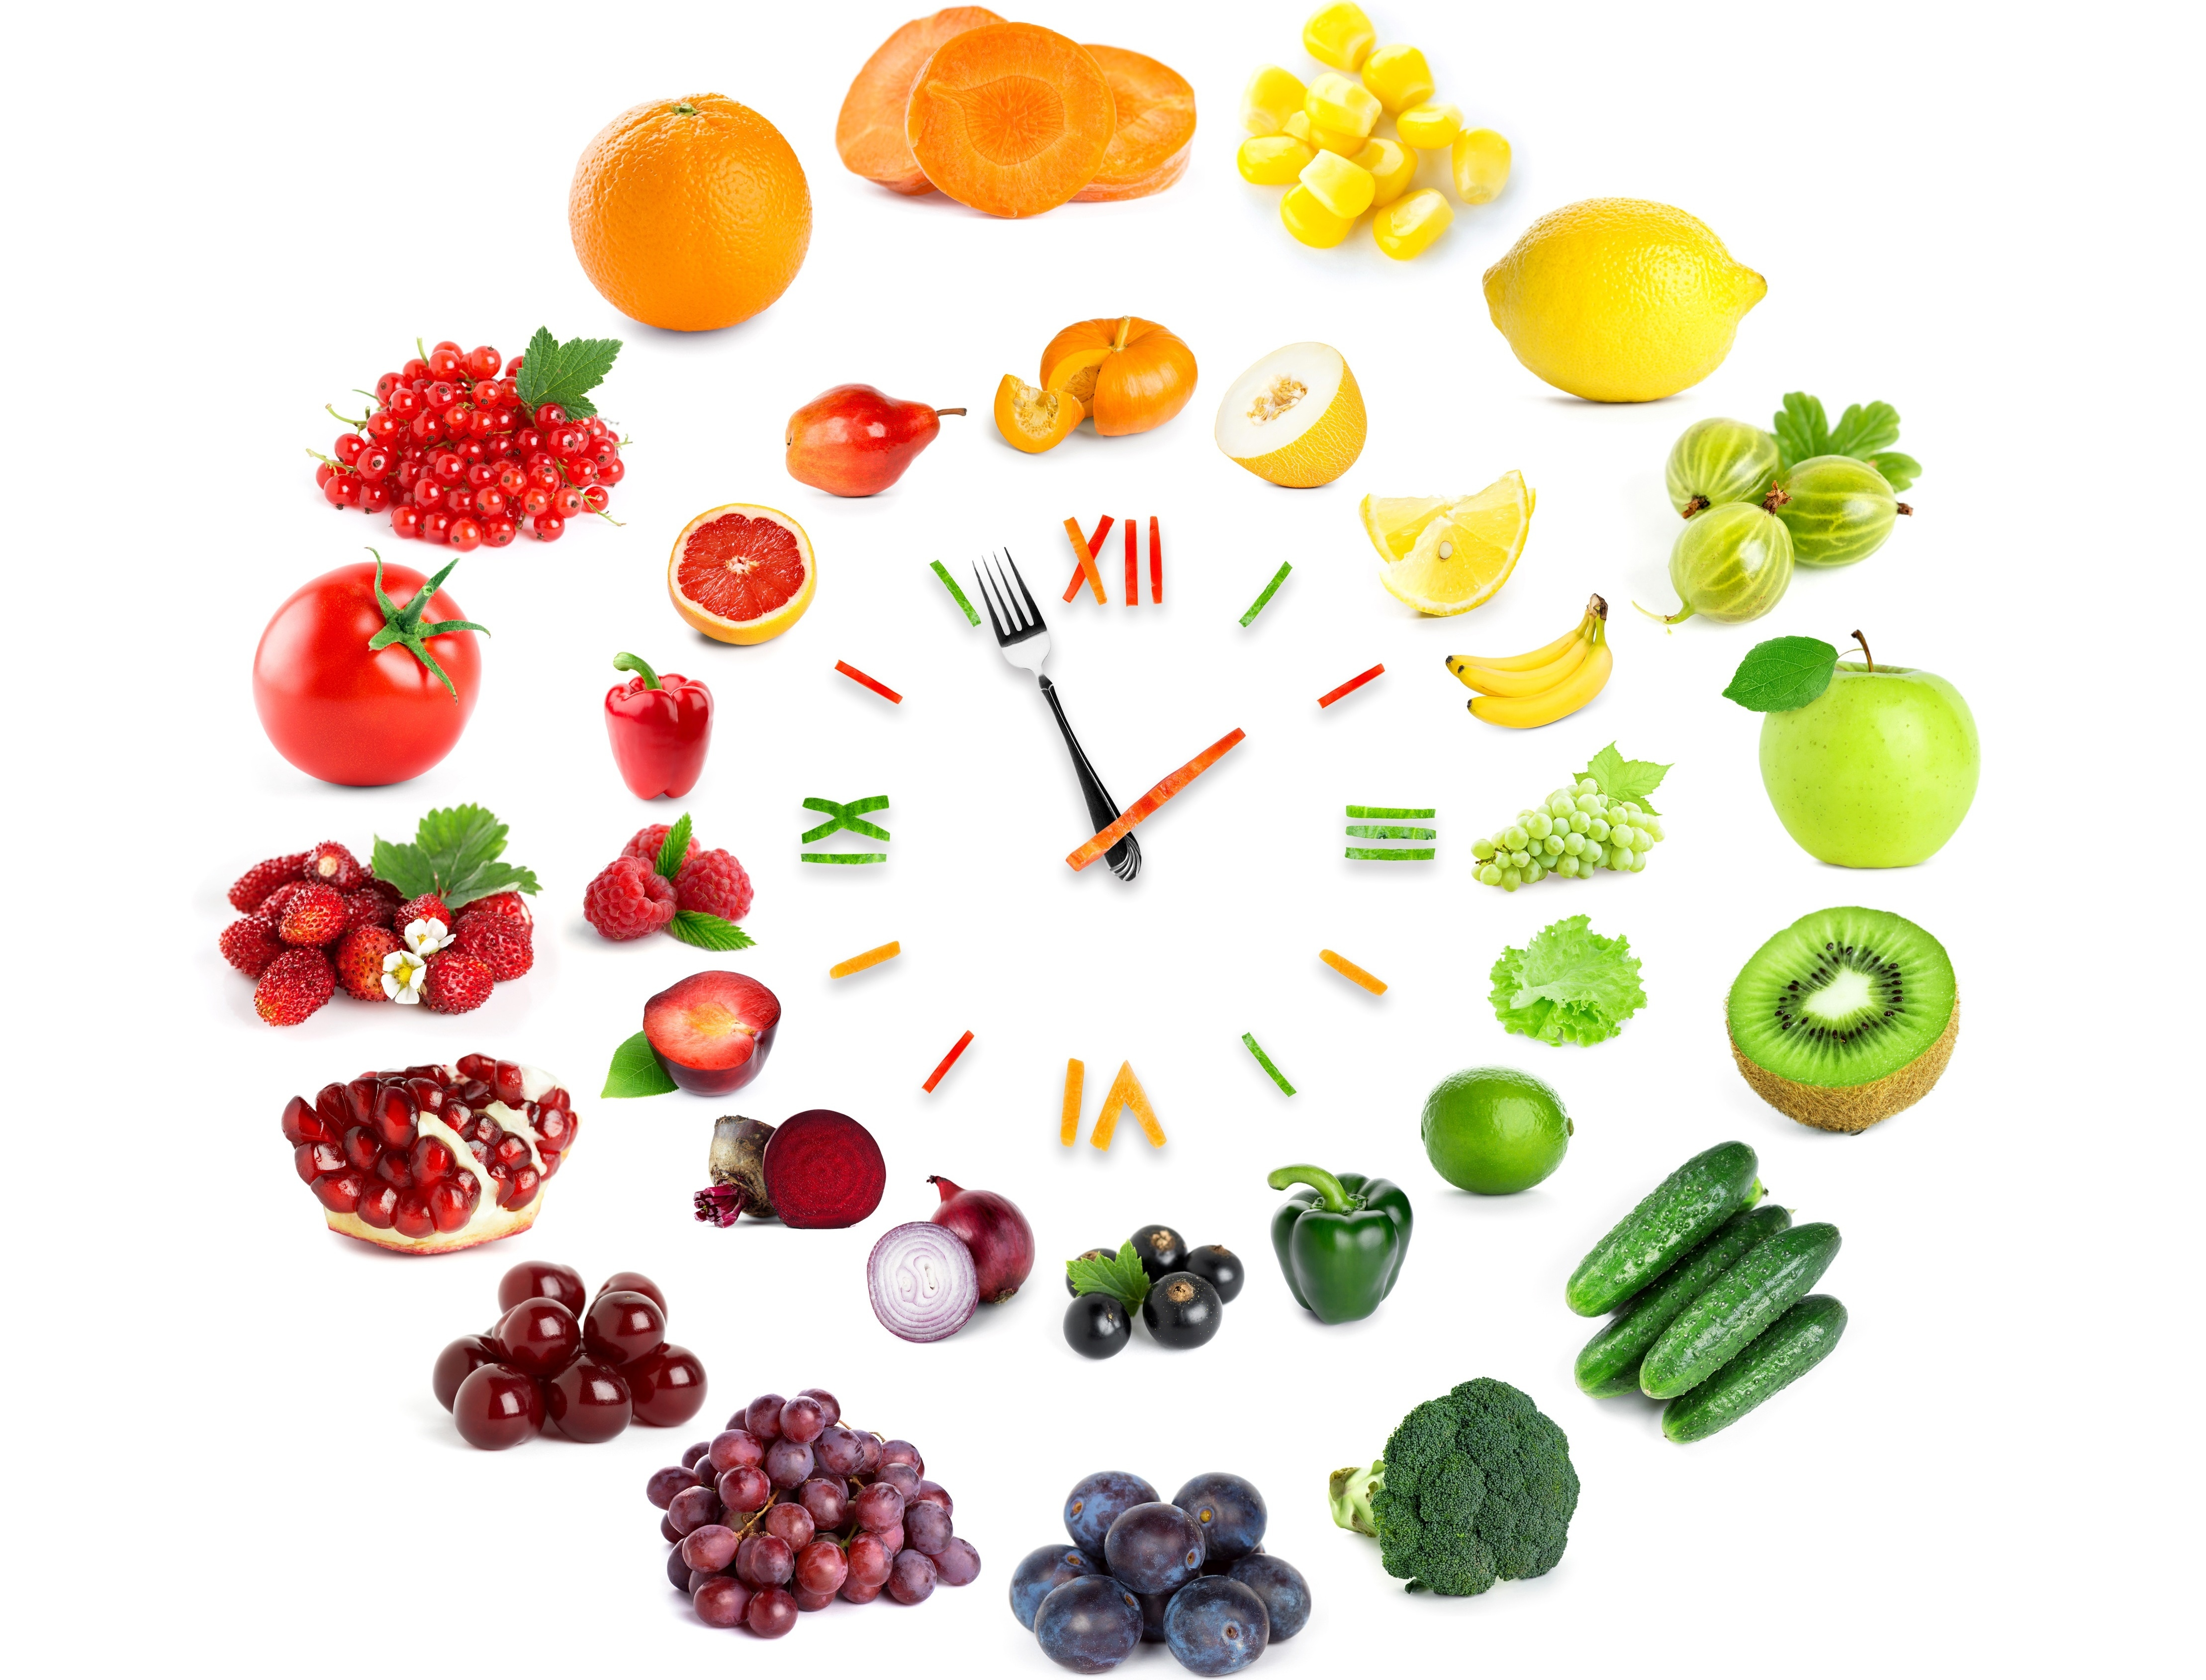 правильное питание при фитнесе для похудения